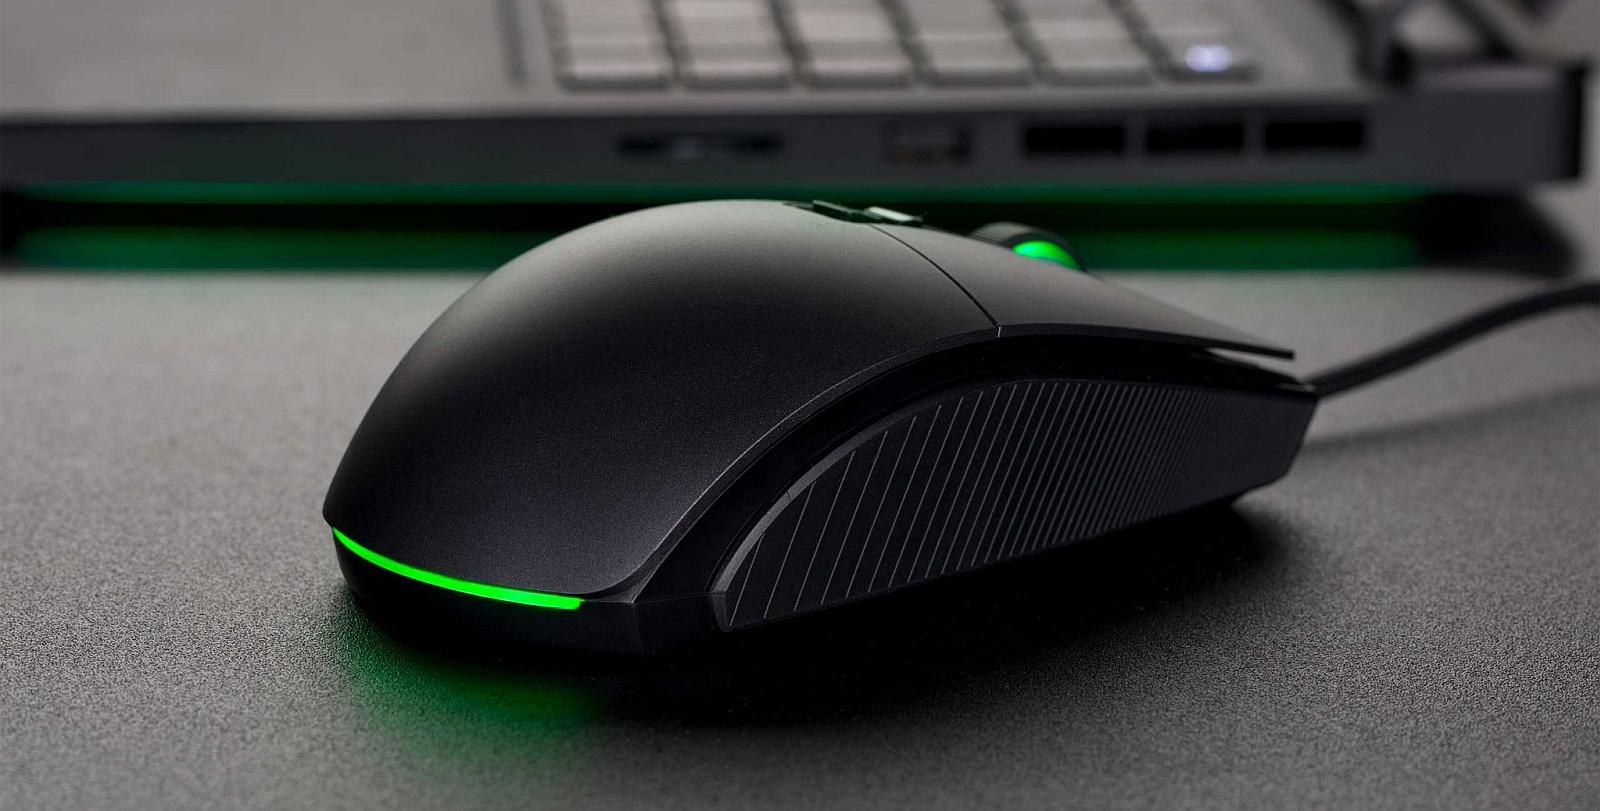 Mi Gaming Mouse - mysz dla graczy od Xiaomi